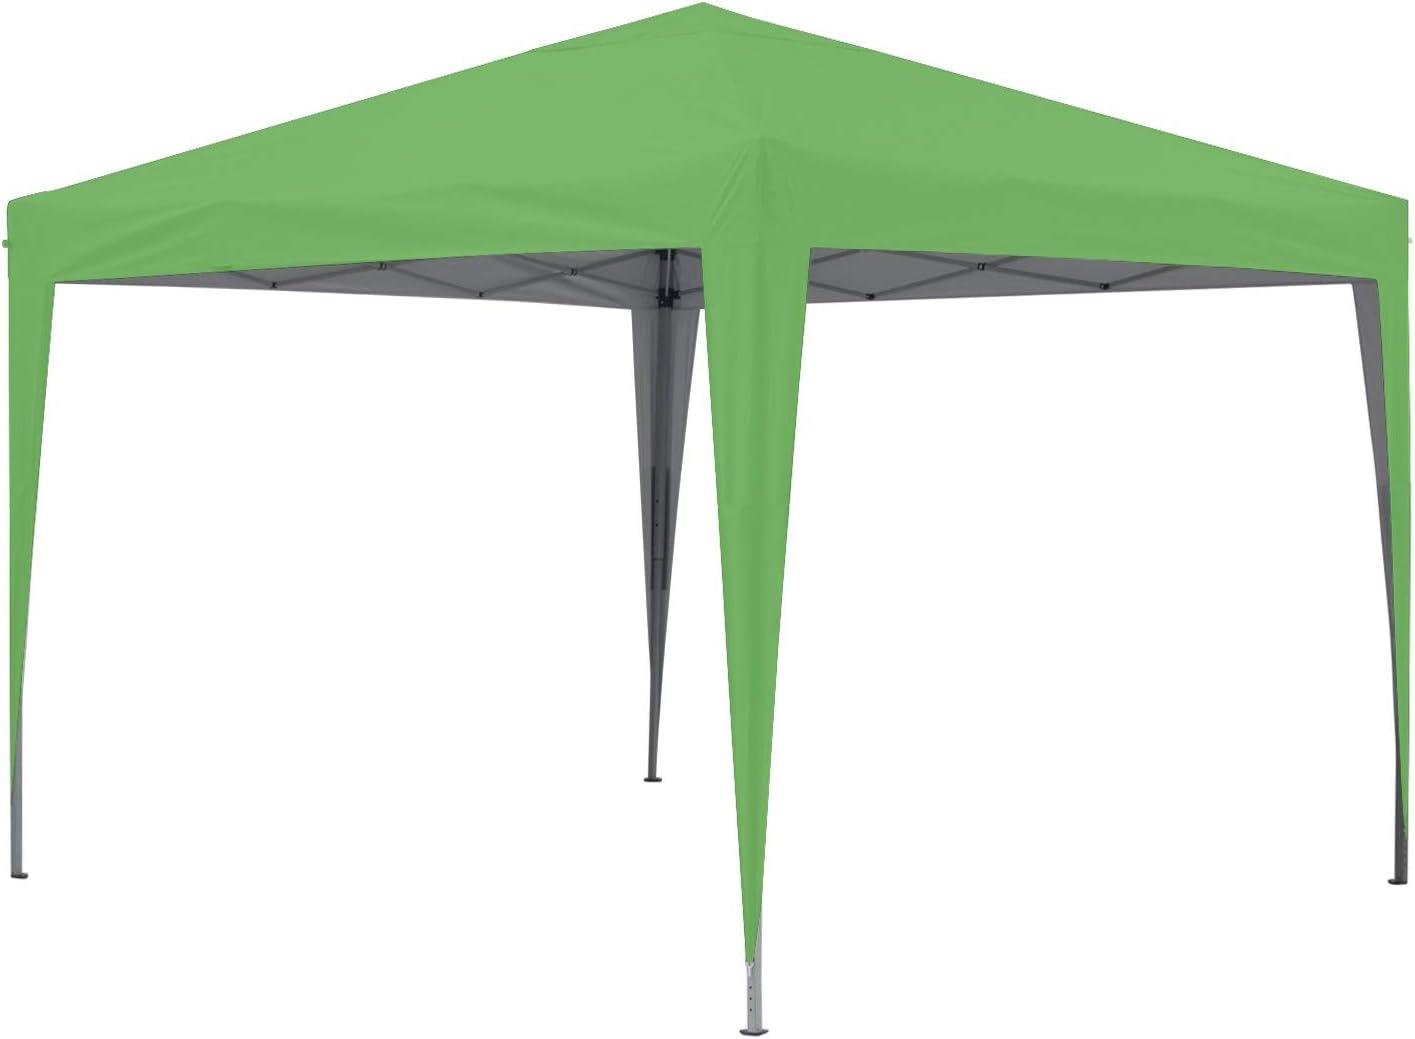 GREADEN - Cenador de jardín verde 3 x 3 m Eco Briso - Tubo 30 mm en aluminio & acero - lona 420d - Tienda de campaña plegable - GR-1FZ33420AO3